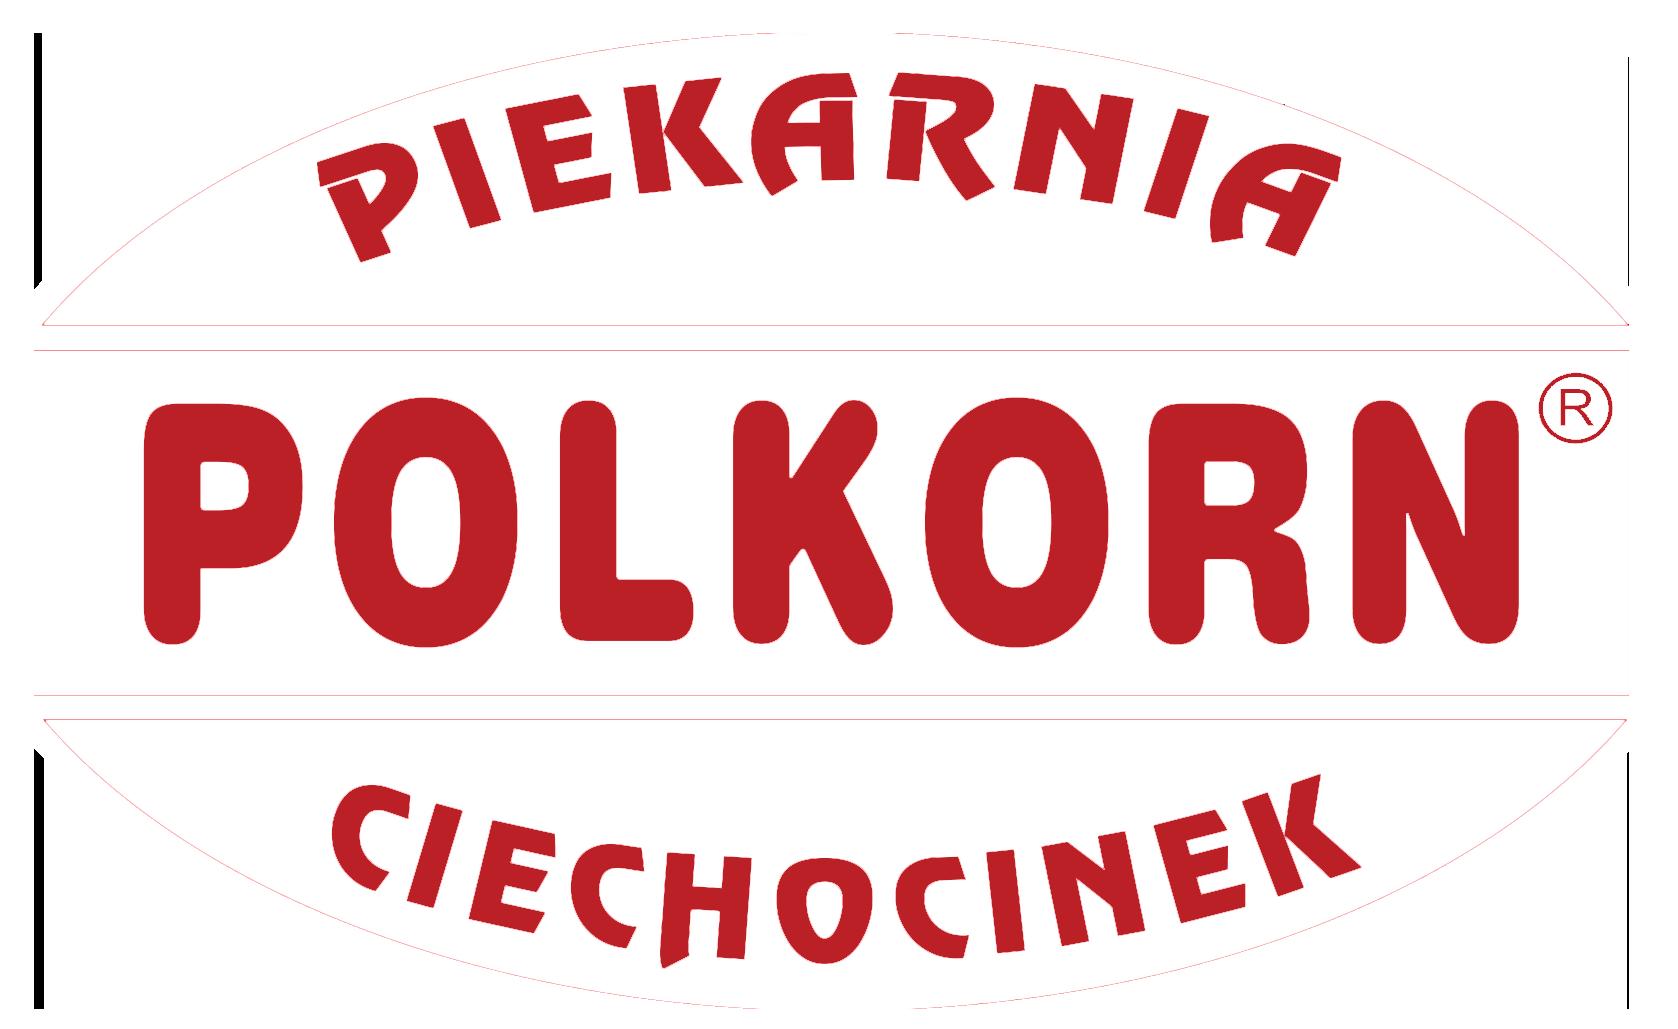 Polkorn